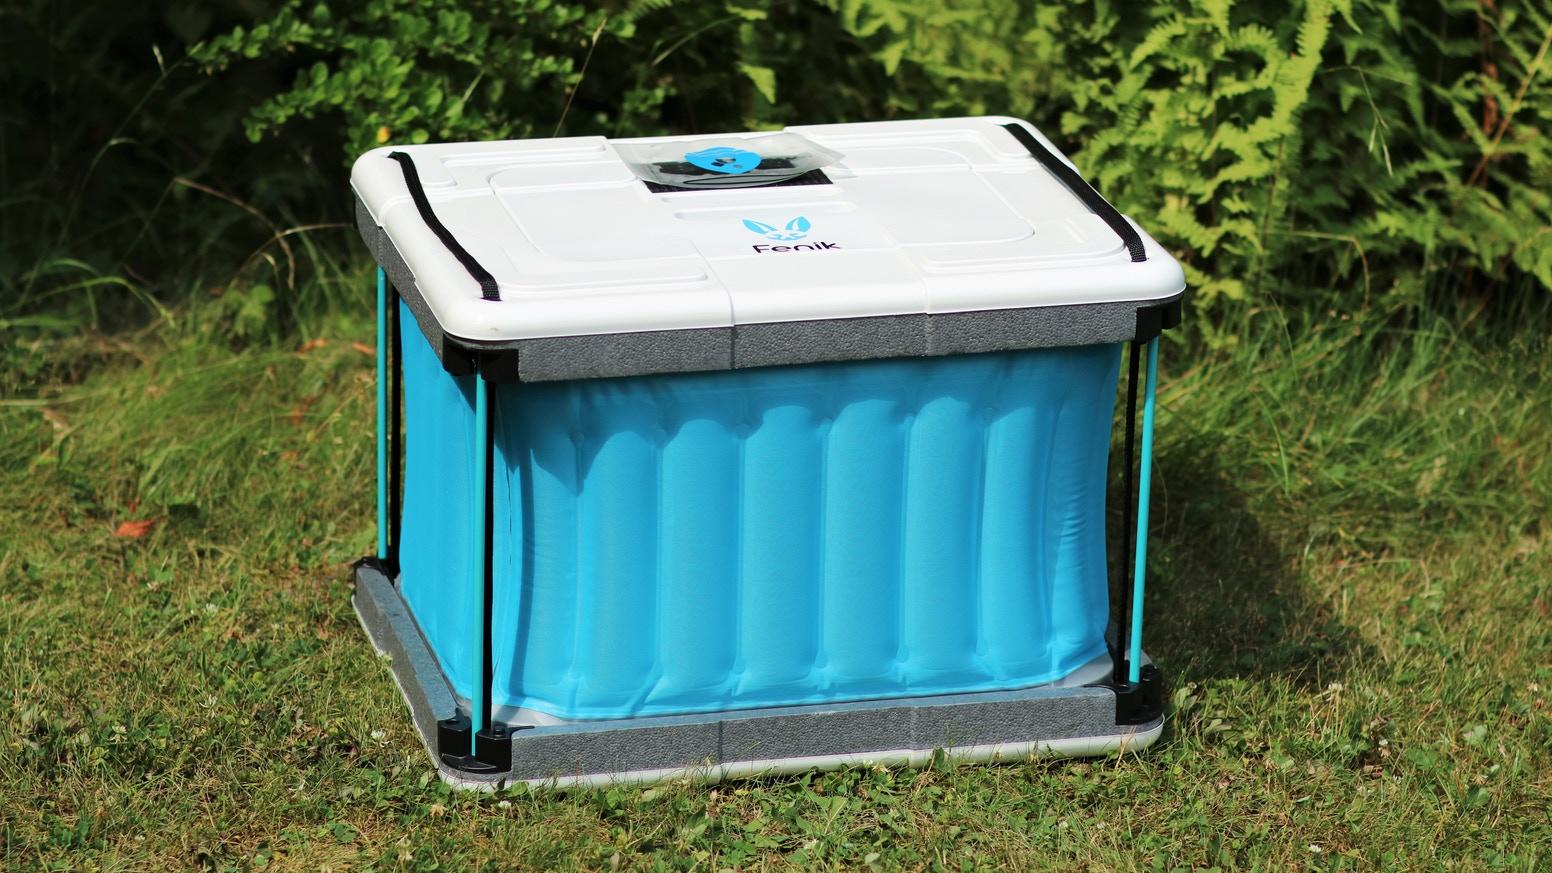 'Fenik' ตู้เย็นขนาดพกพา ไม่ใช้ไฟฟ้า ไม่ใช้น้ำแข็ง ทางเลือกใหม่สำหรับการถนอมอาหาร